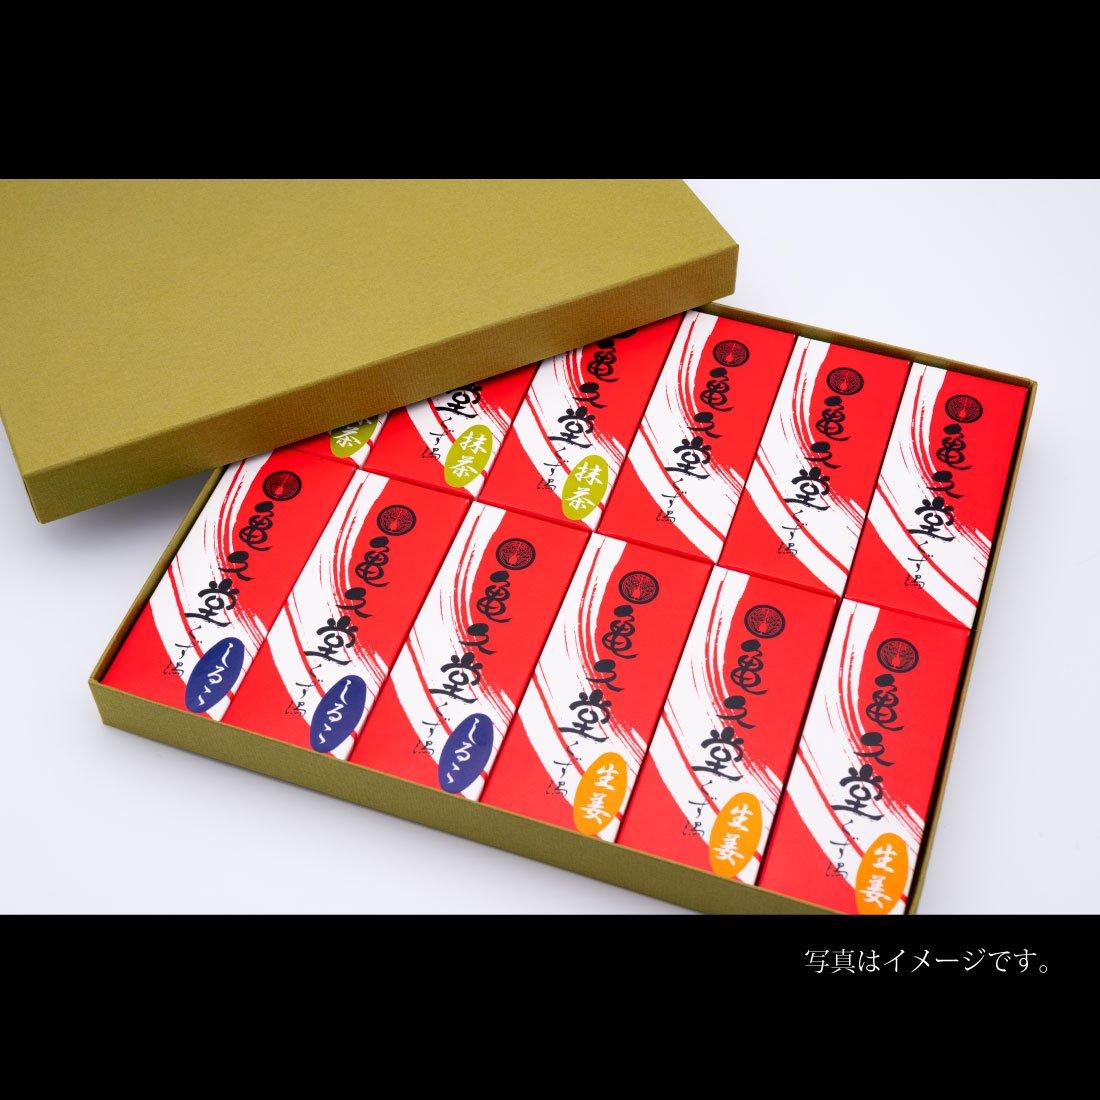 吉野本葛 くず湯(赤箱)30g×4種の味24個